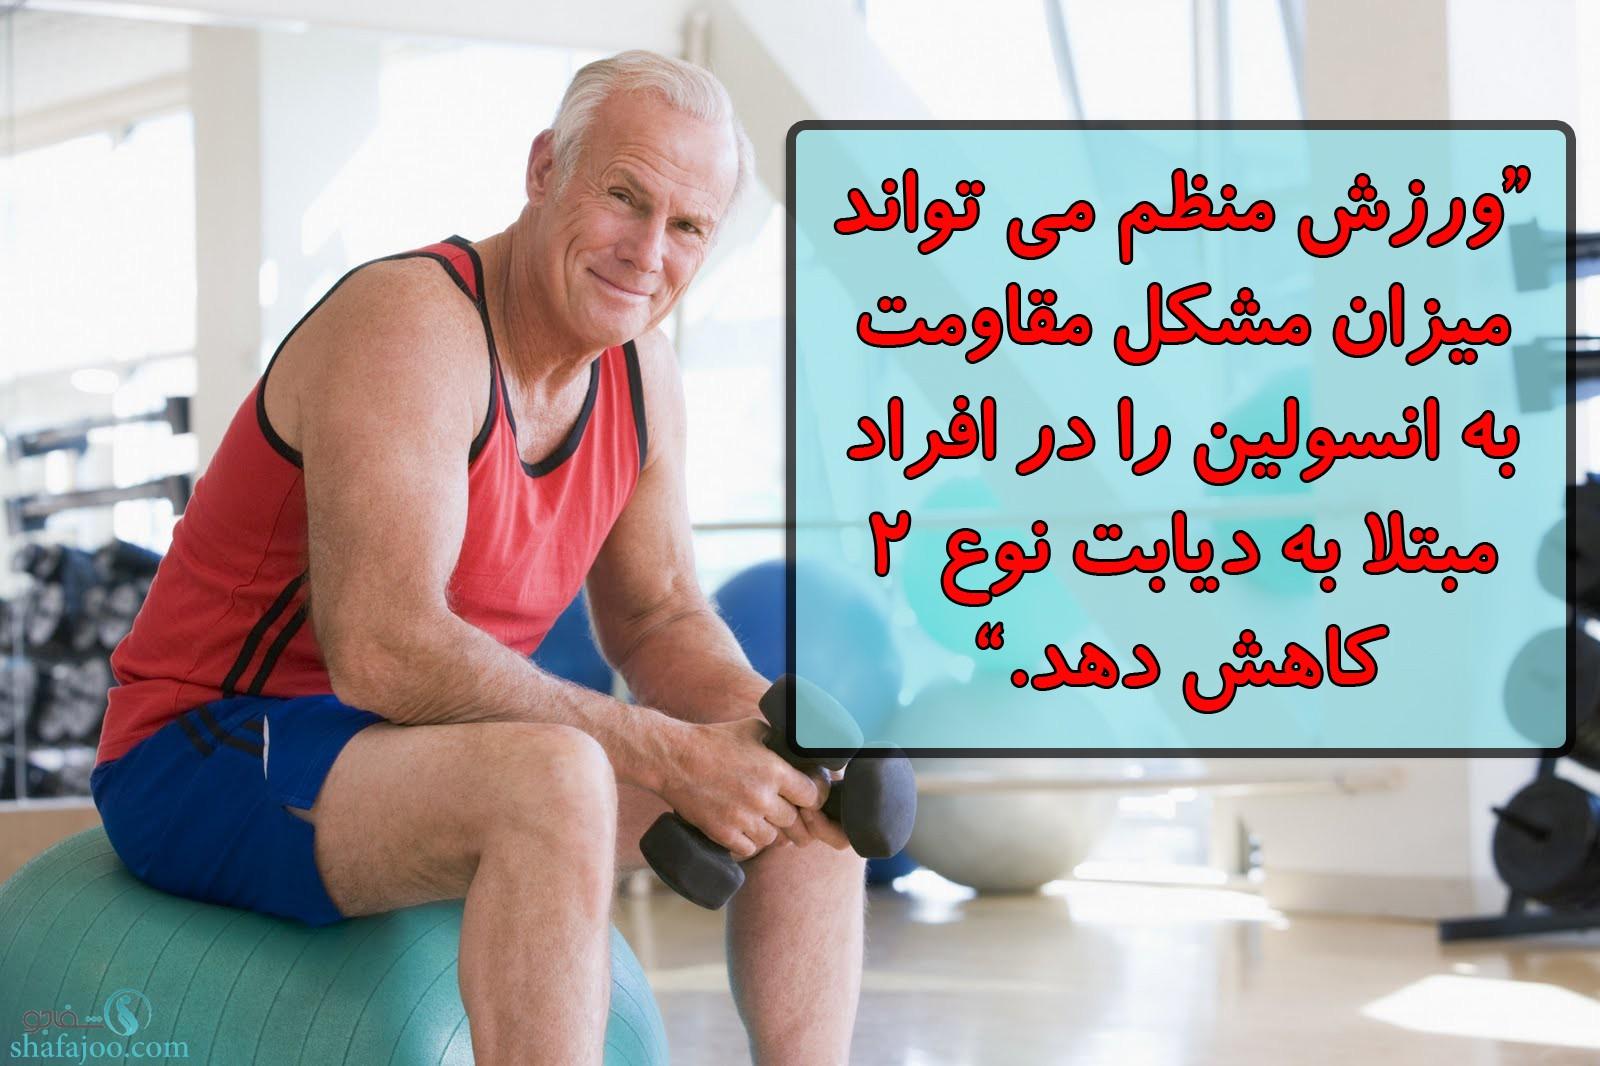 ورزش منظم و کاهش مقاومت به انسولین  در افراد  مبتلا به دیابت نوع 2